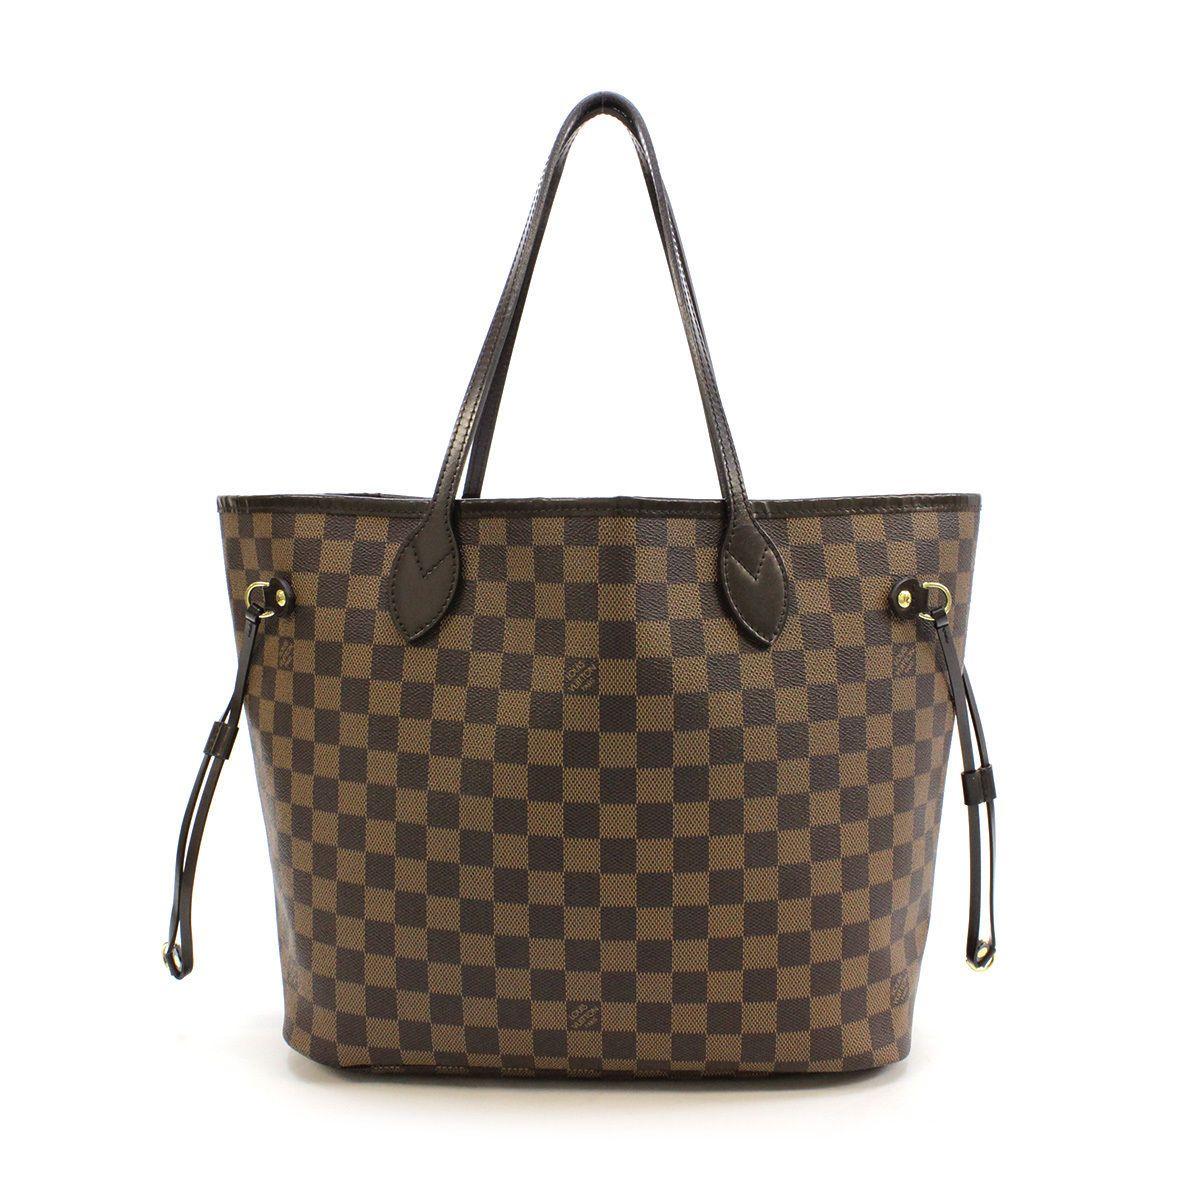 c7c69d293293 Louis Vuitton Delightful PM Monogram Shoulder Bag M40352-neverfull-mm-gm